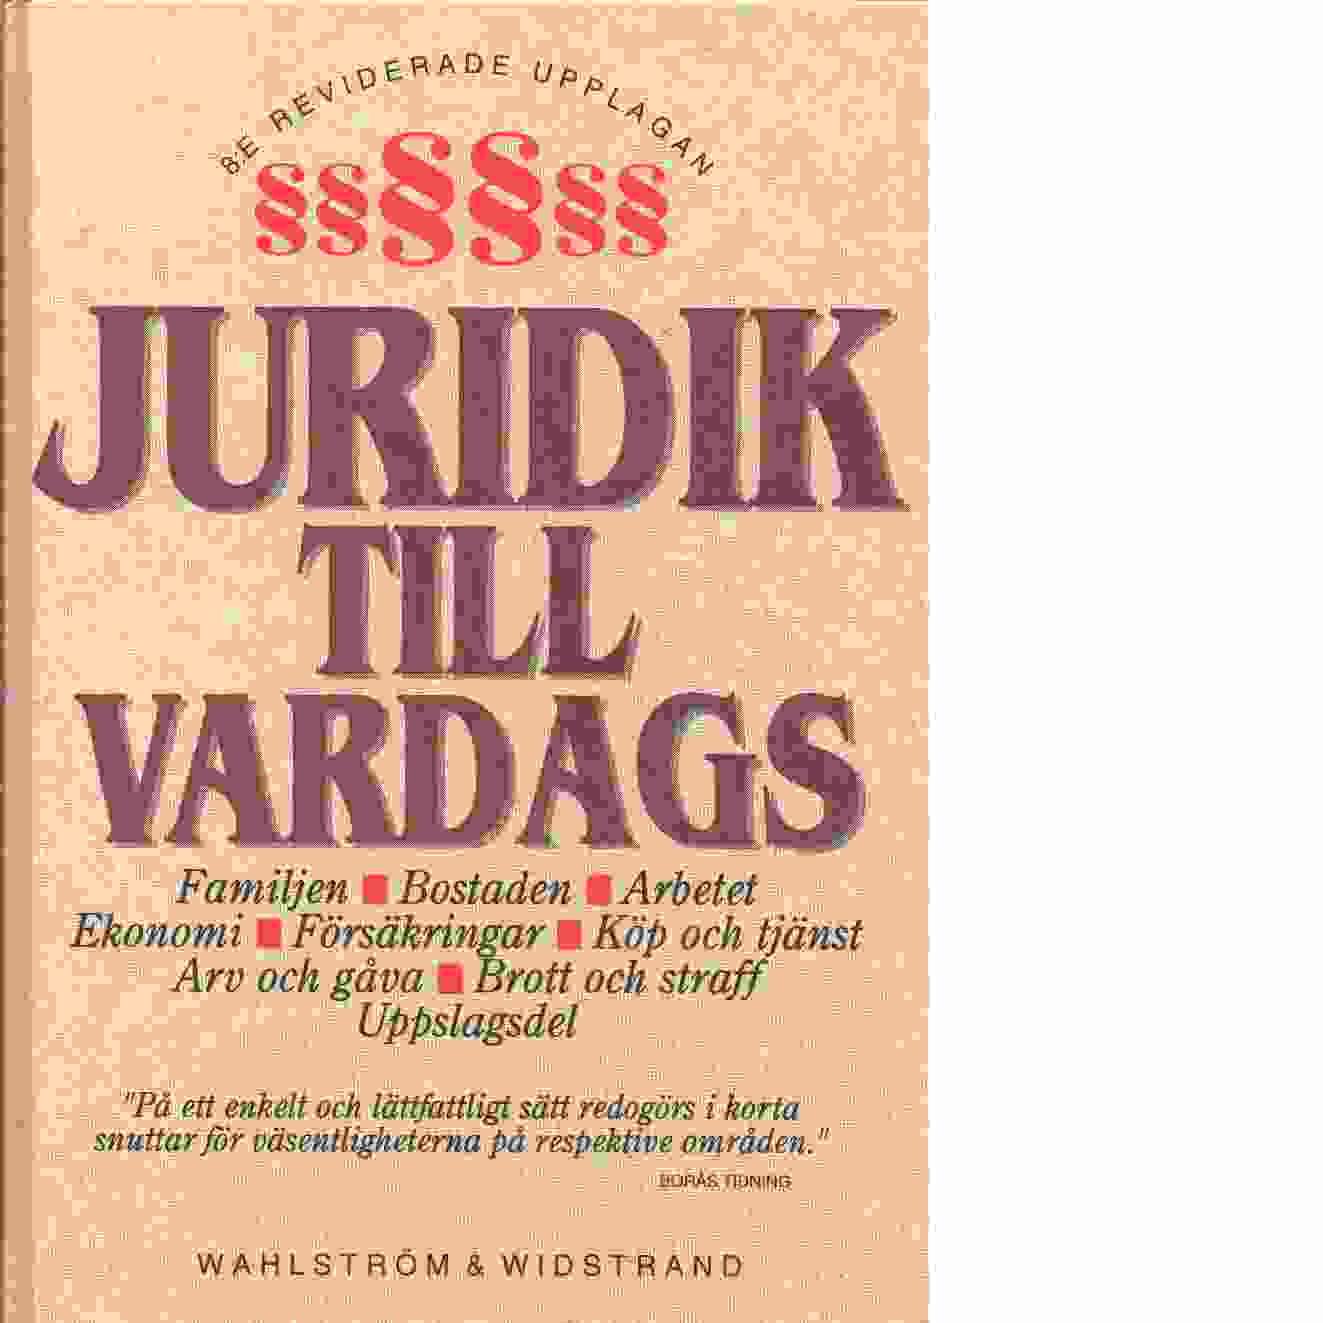 Juridik till vardags : en praktisk handbok : [familjen, bostaden, arbetet, ekonomi, försäkringar - Red.